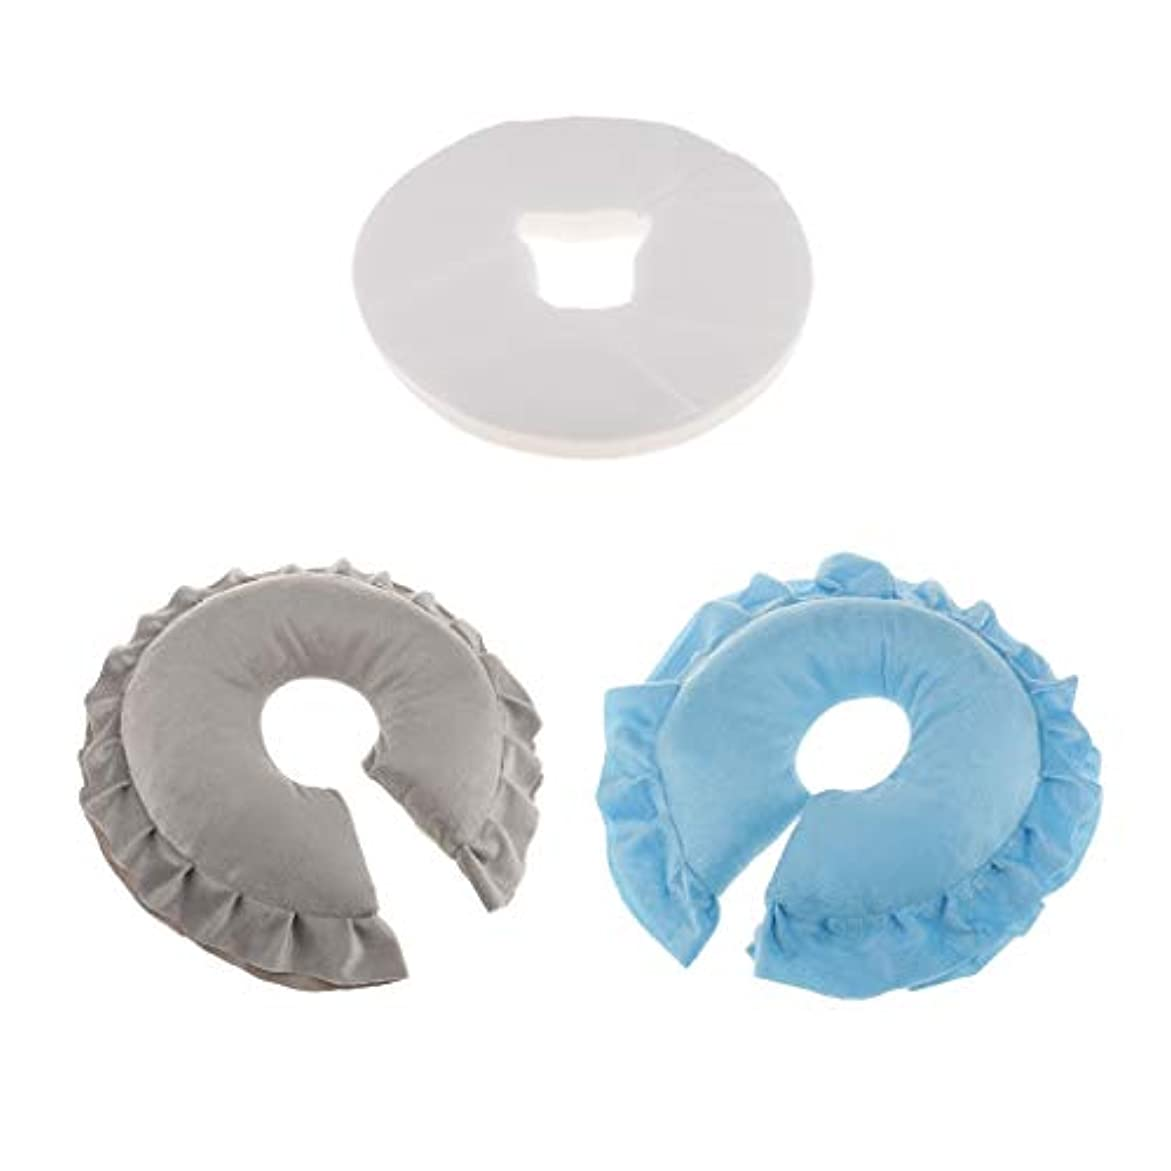 種テープ記述するFLAMEER フェイスクッション マッサージ枕 100個使い捨てクッションカバー付 柔らかく快適 2個入